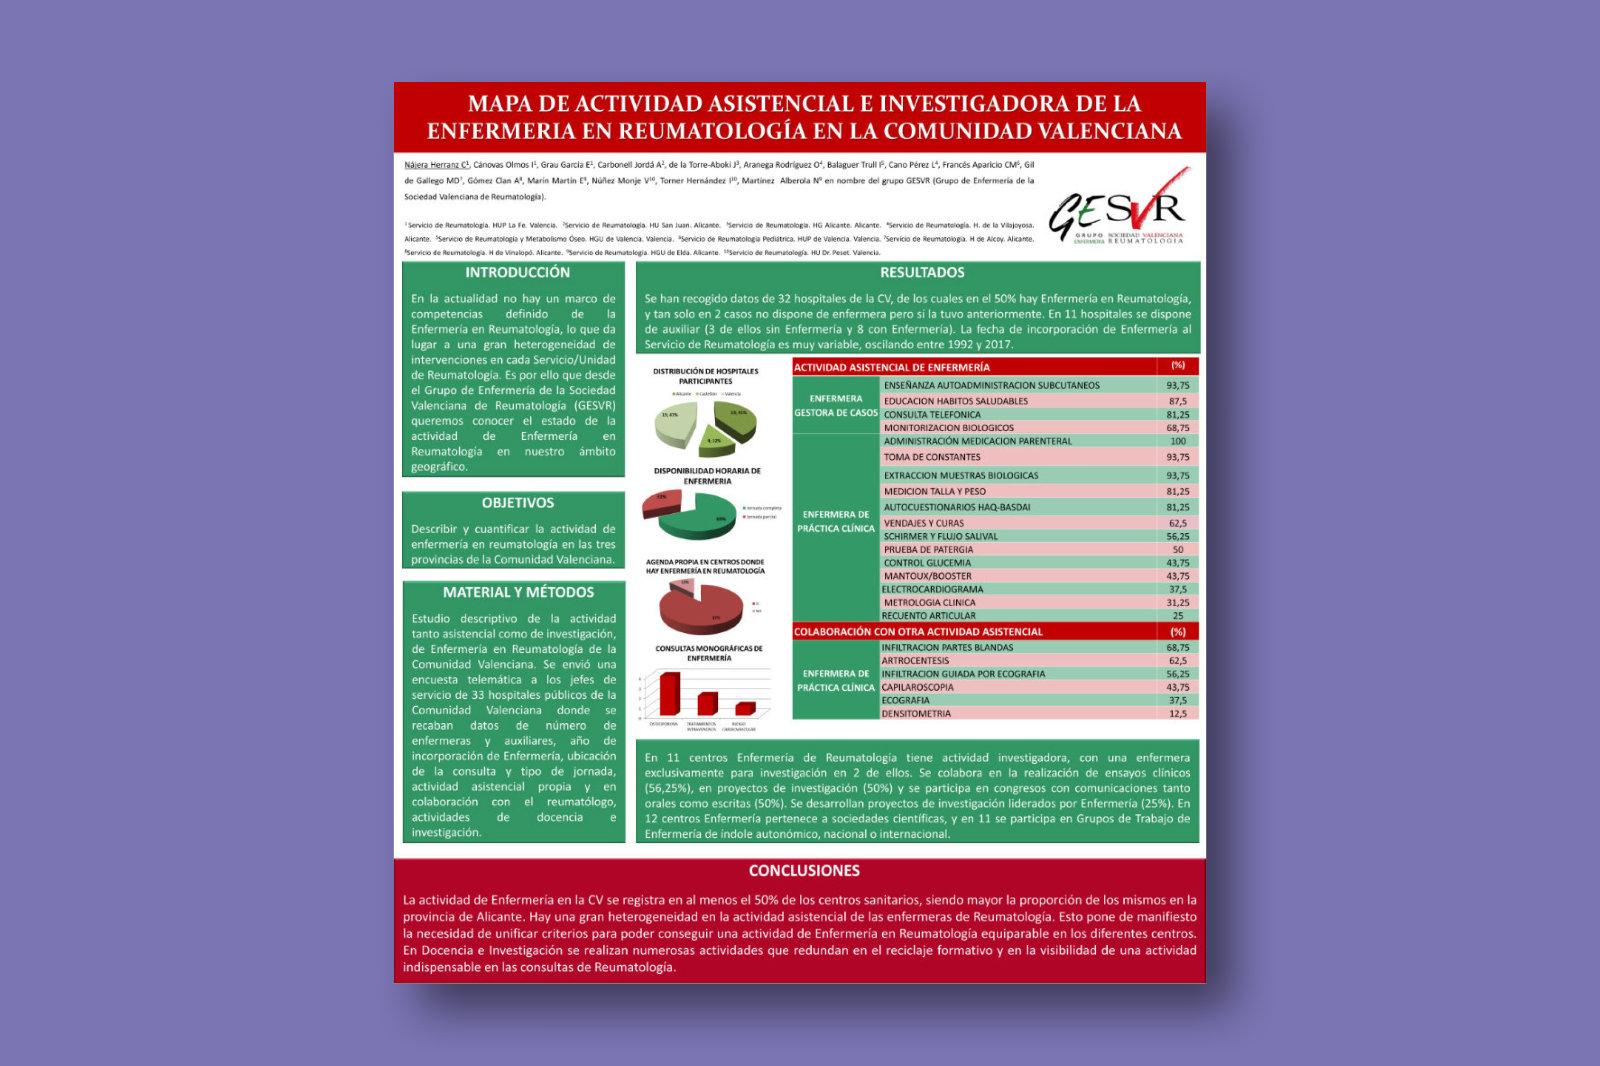 Mapa de actividad asistencial e investigadora de la enfermería en reumatología en la Comunidad Valenciana